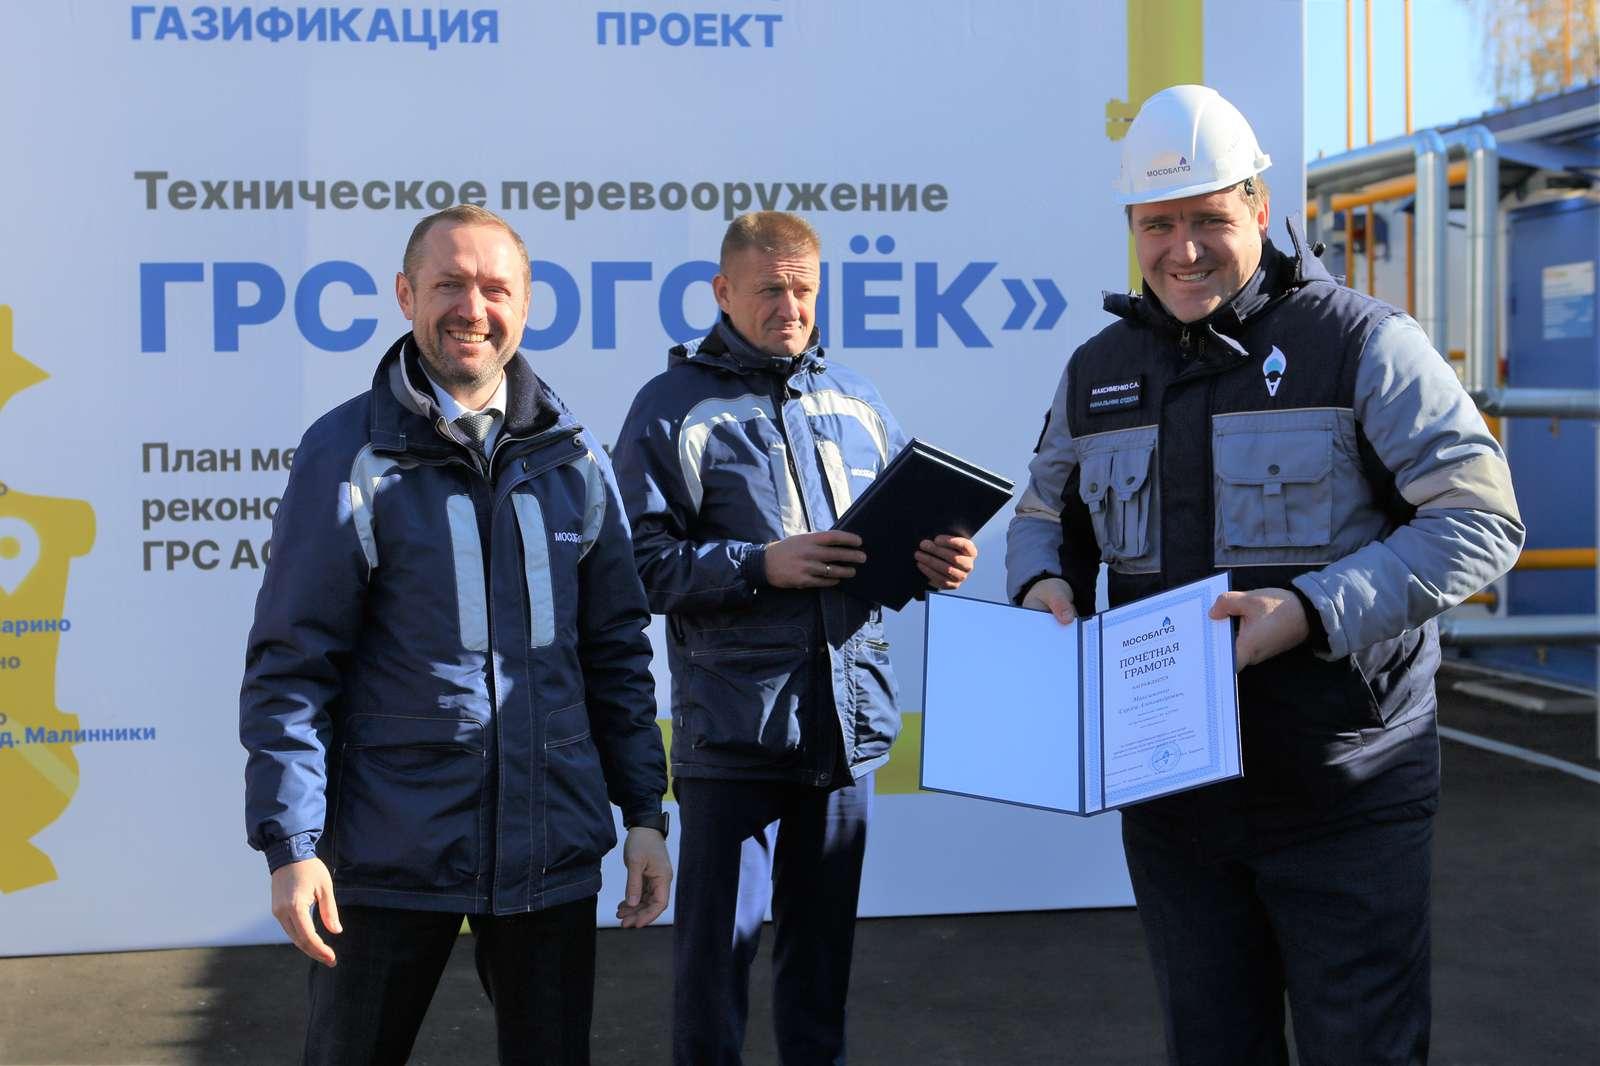 Обновленная ГРС «Огонек» в Сергиевом Посаде обеспечит газом свыше 5 тысяч жителей | Изображение 1